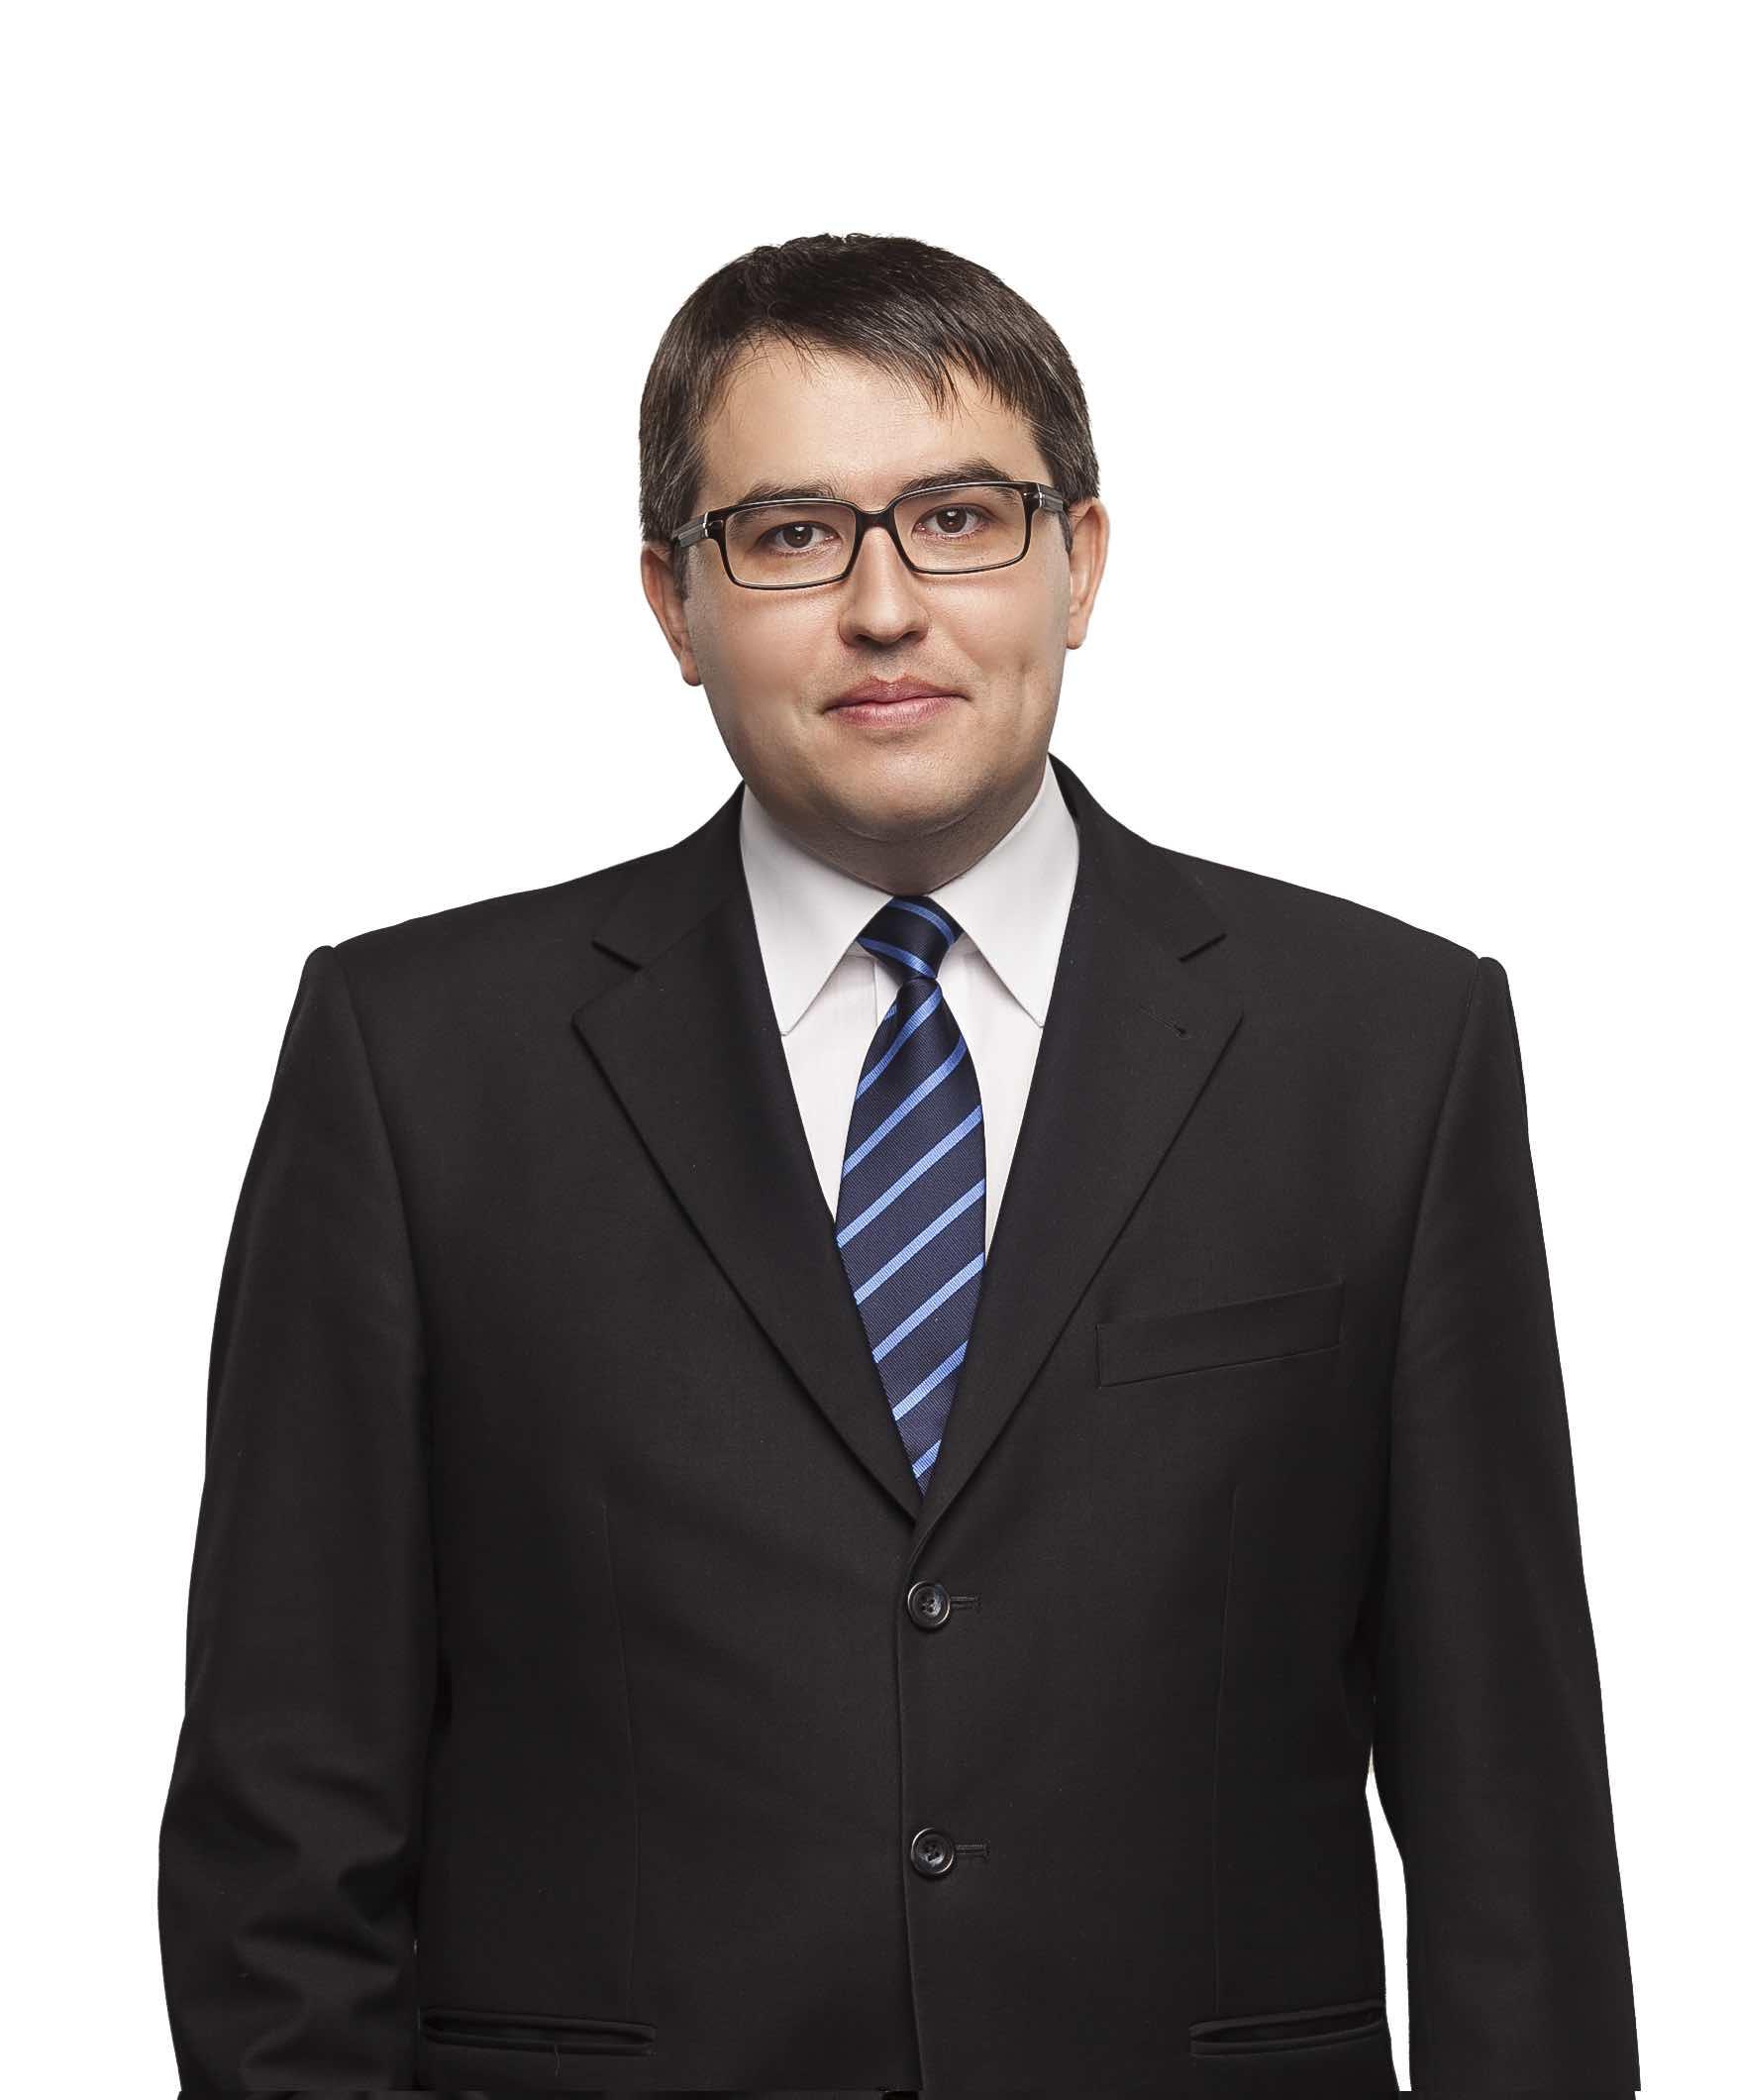 Dmytro Kocherga